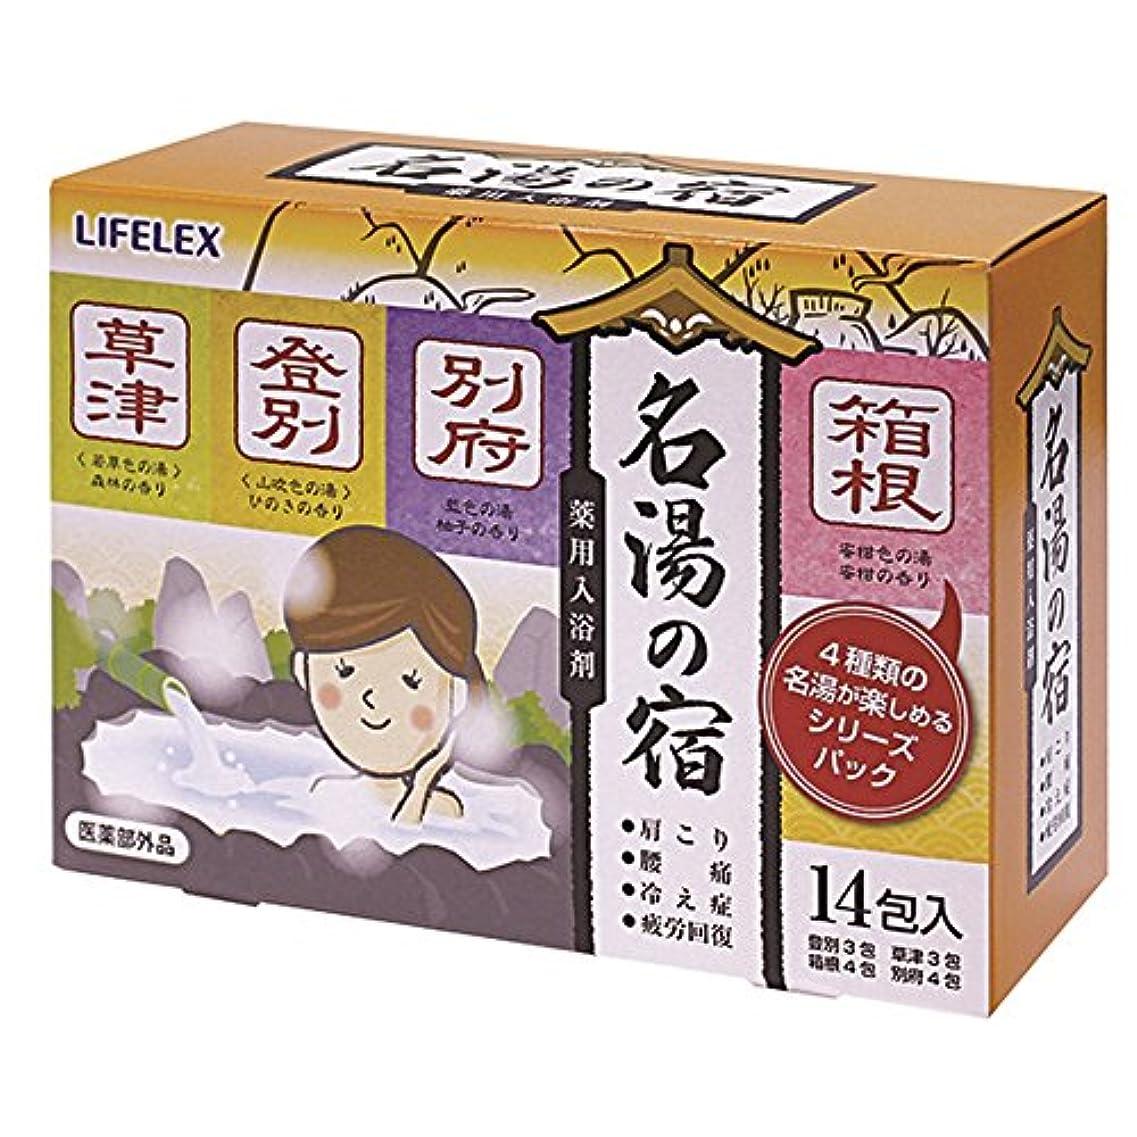 財政花輪稚魚コーナン オリジナル LIFELEX 名湯の宿 薬用入浴剤 14包入